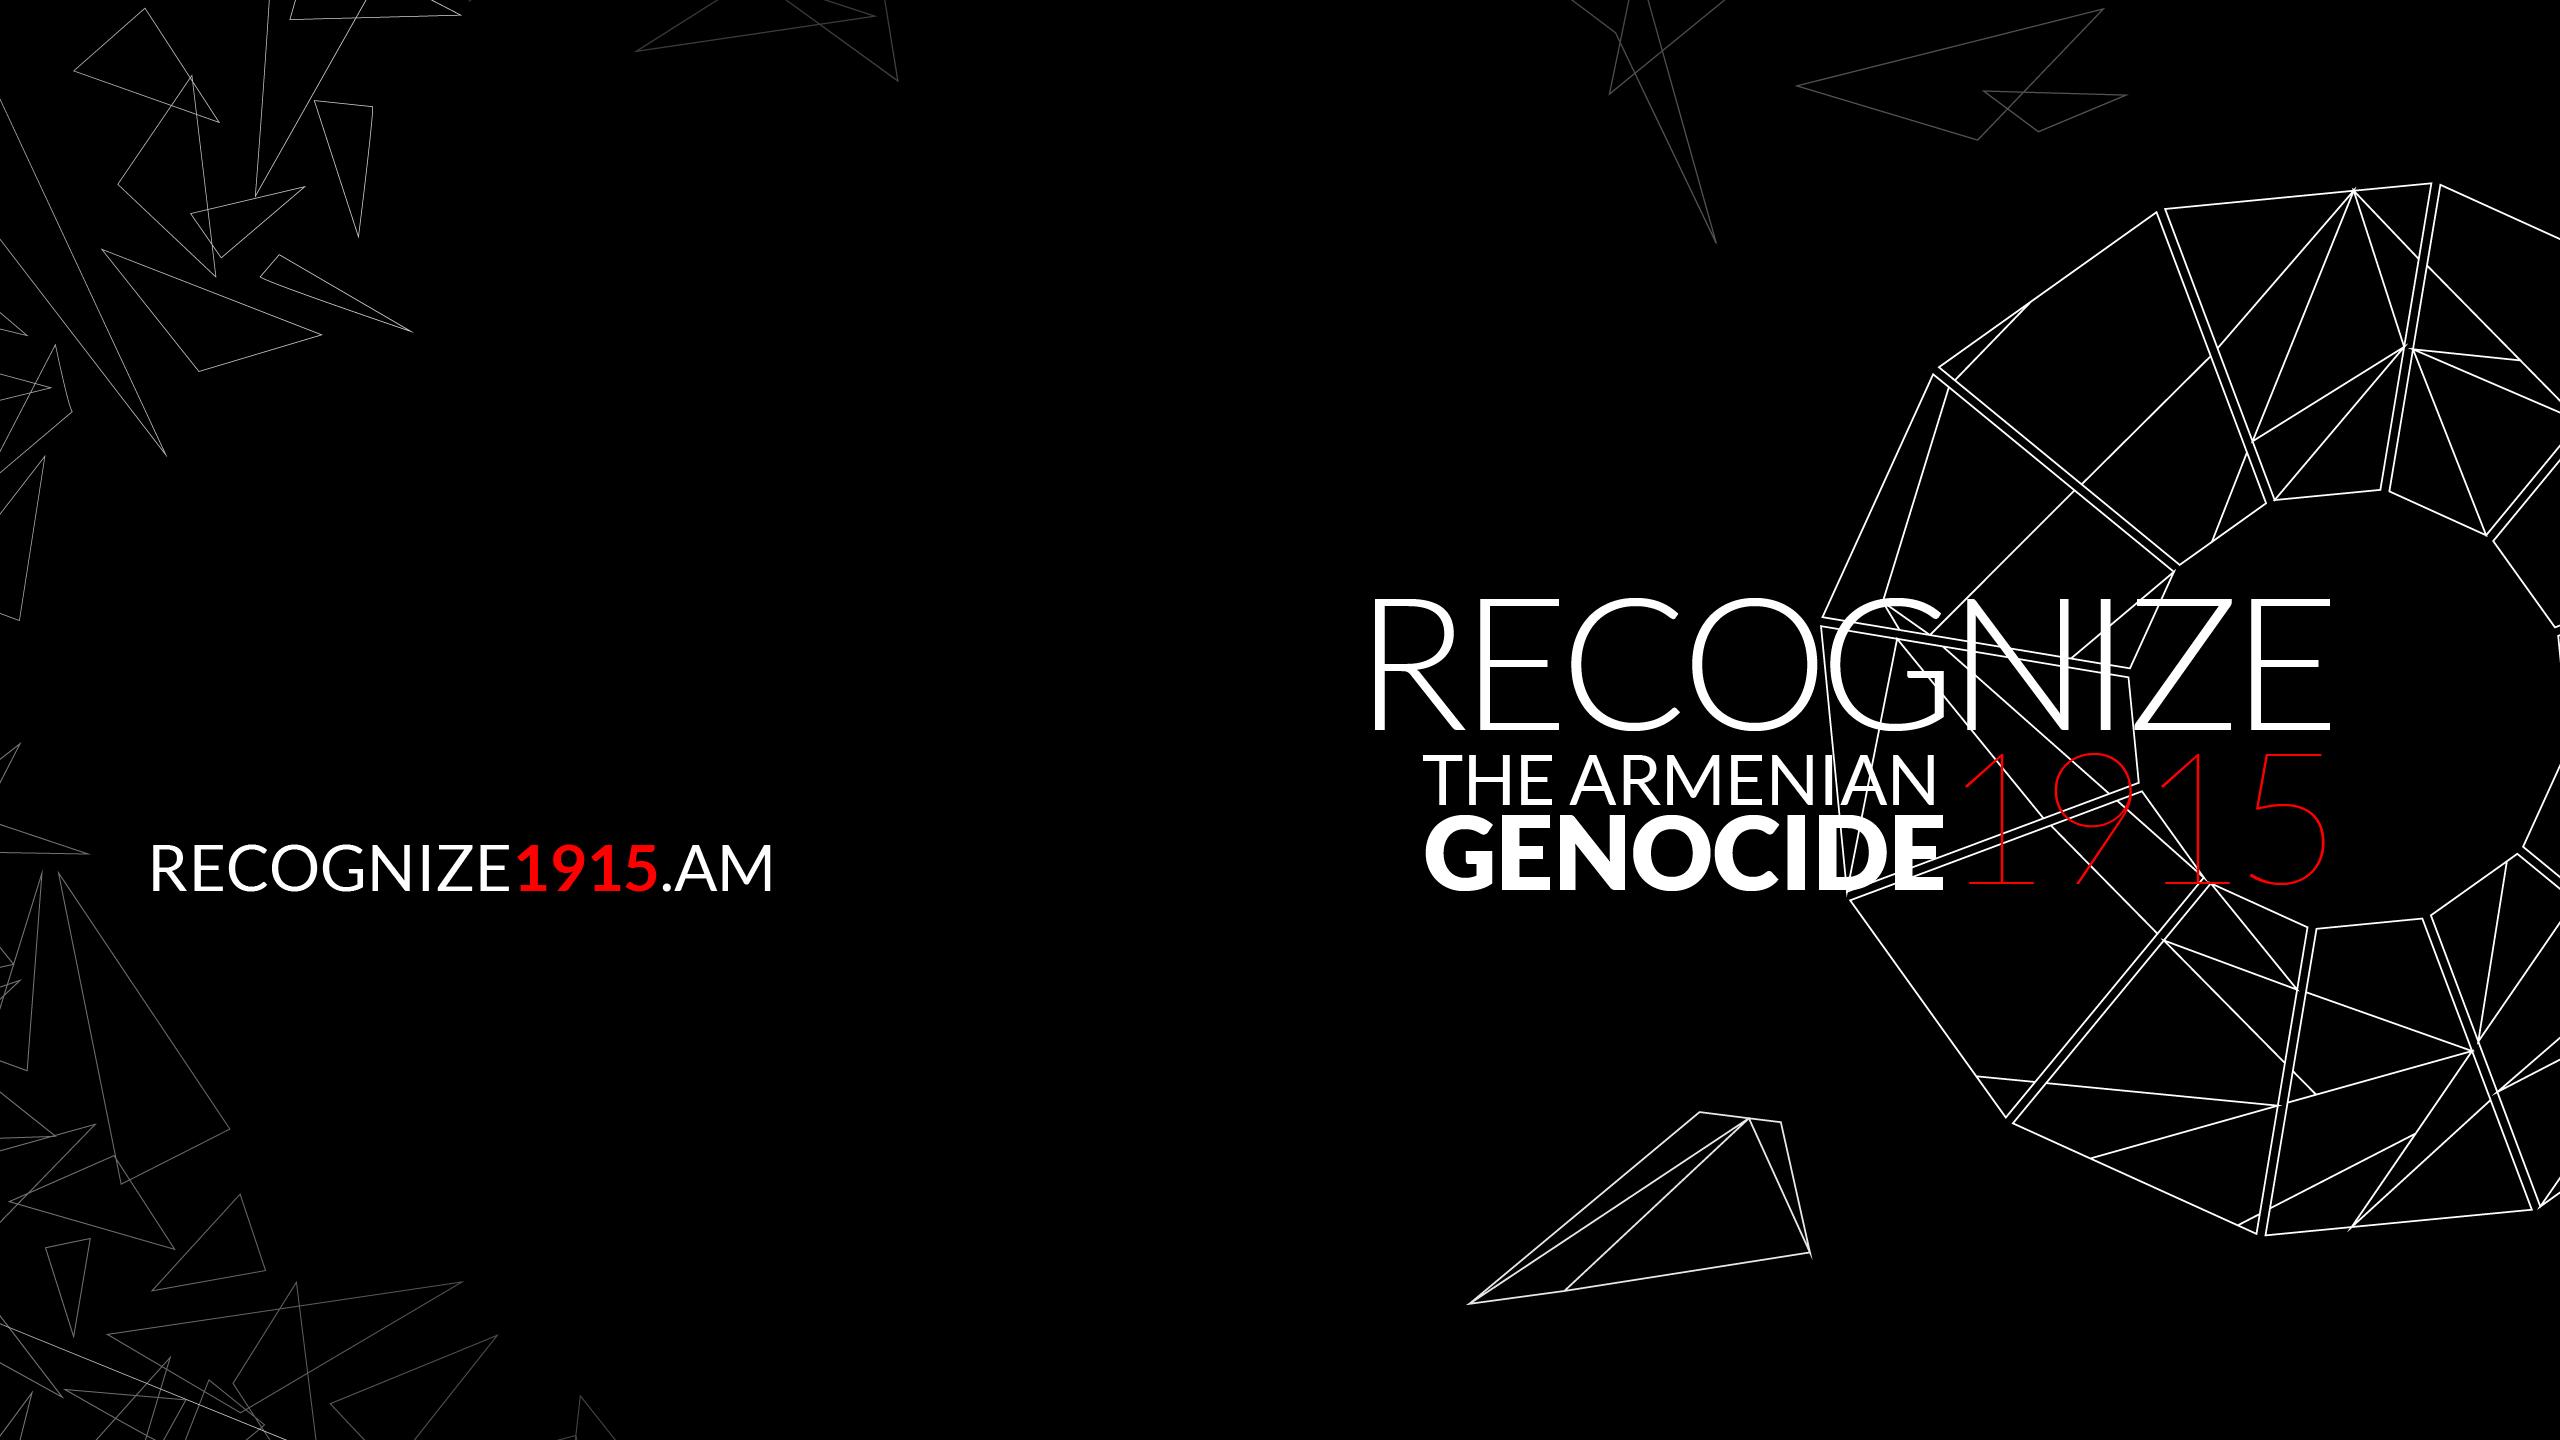 Ucom-ի «Recognize 1915» նախագծի շրջանակներում հայ գիտակները մեկնեցին Արևմտյան Հայաստան